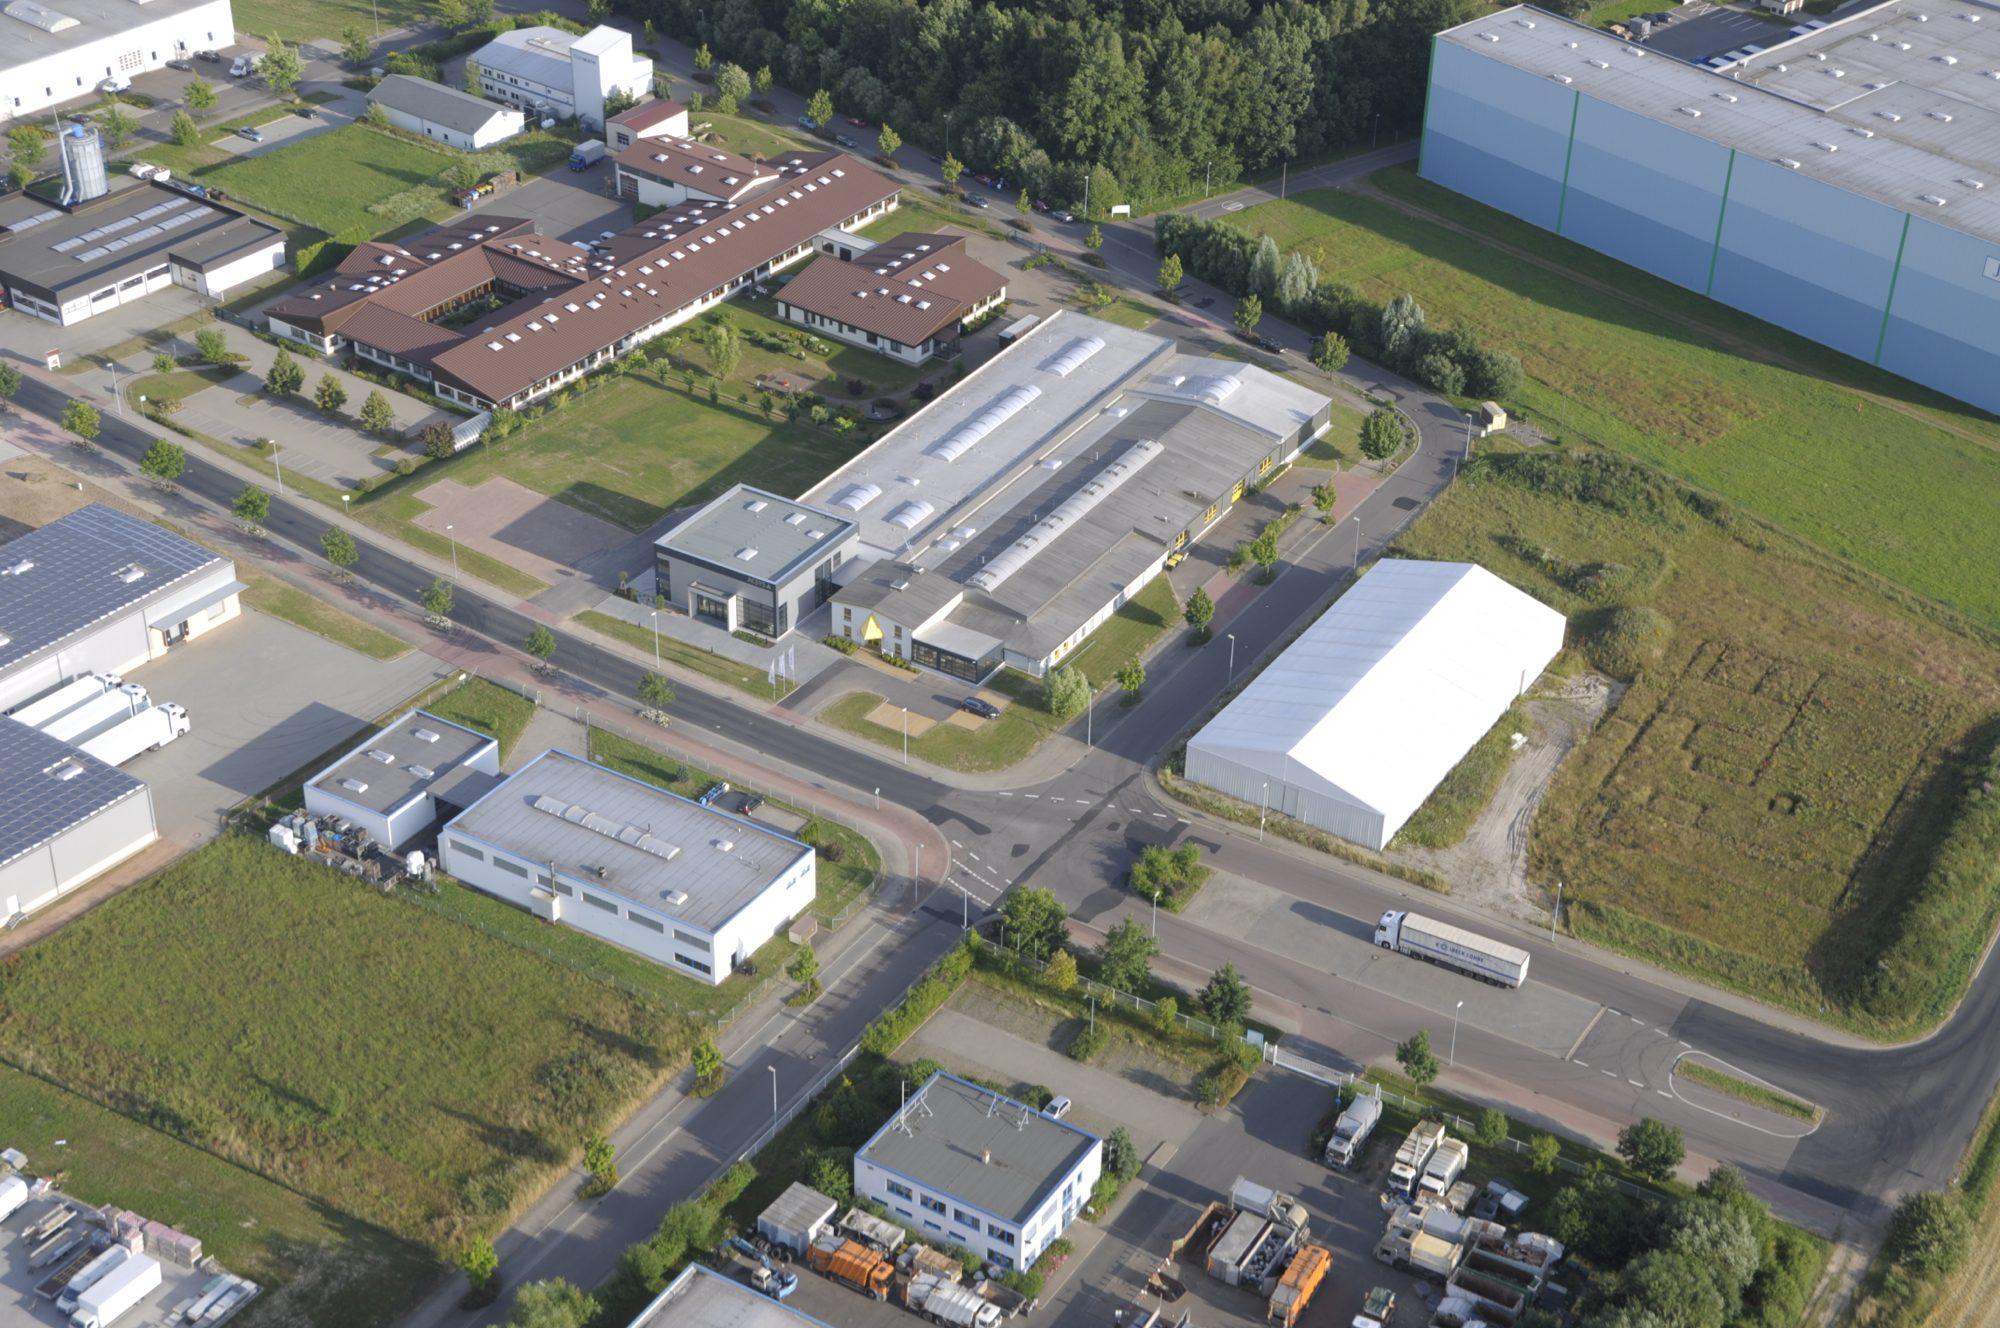 Das neue Entwicklungs- und Produktionsgebäude von ACSYS in Mittweida